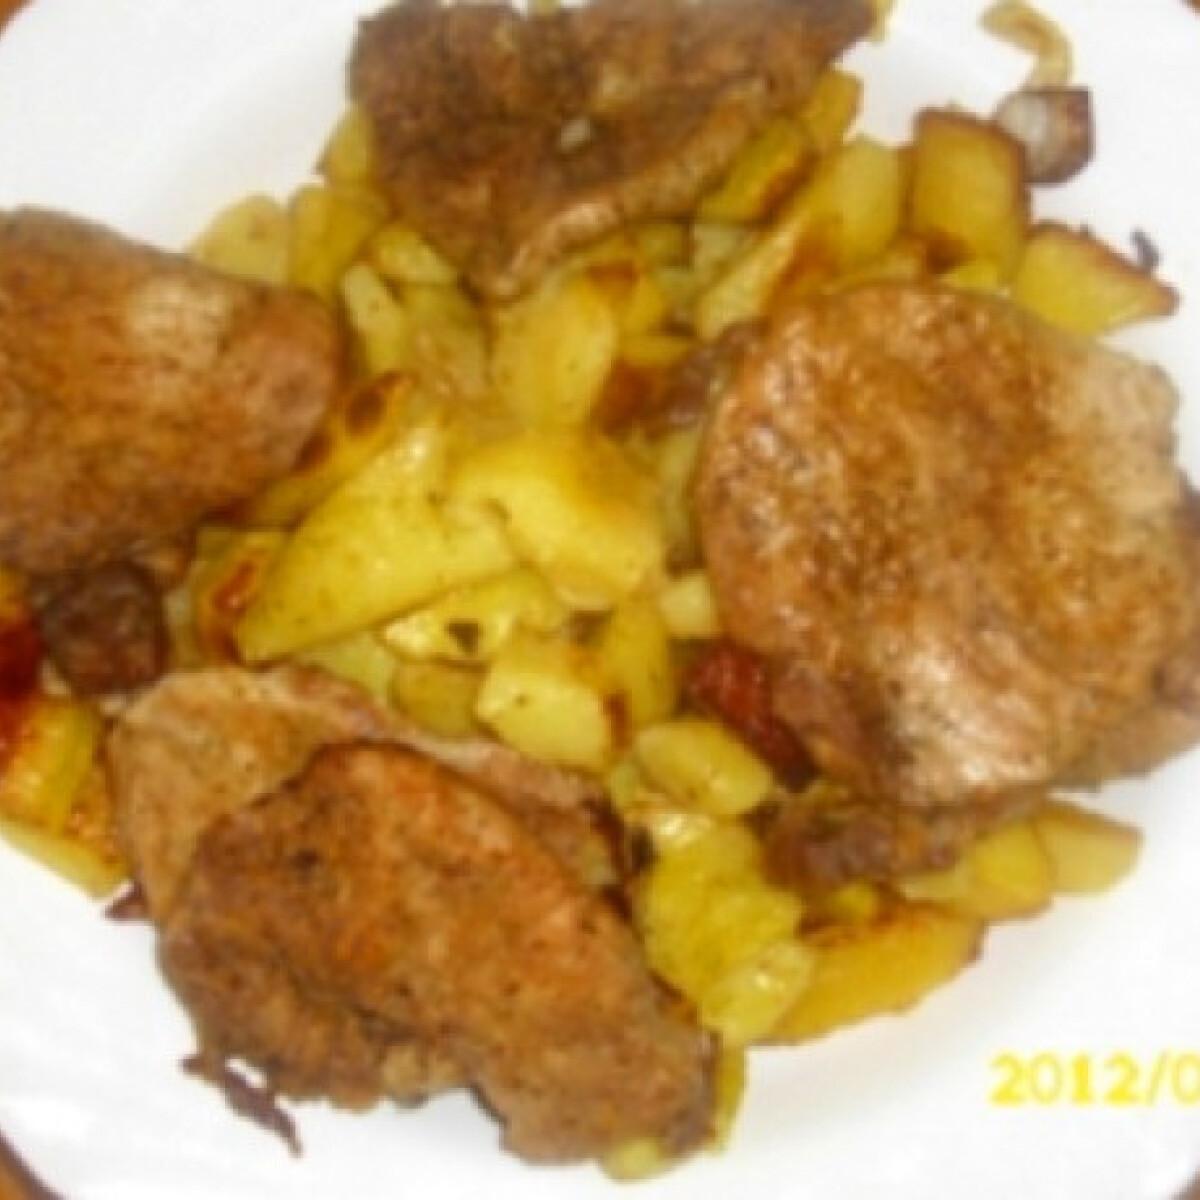 Tepsis krumpli ahogy kinguci készíti